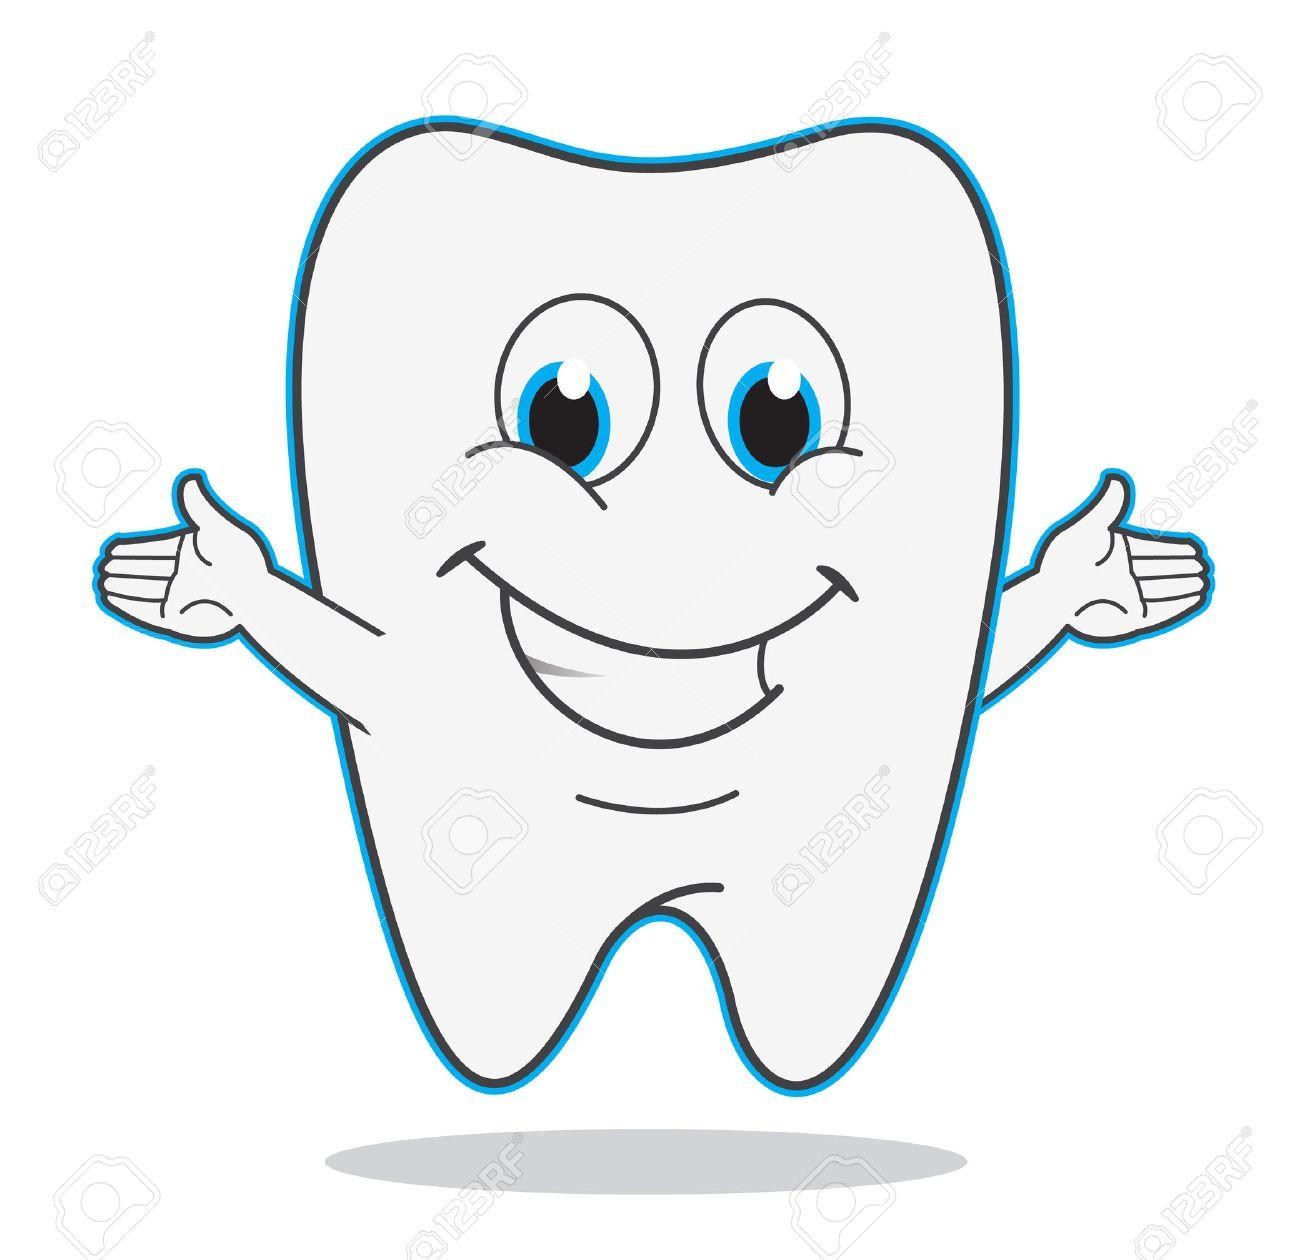 Cute cartoon teeth smile illustration dentist symbol - 51225158